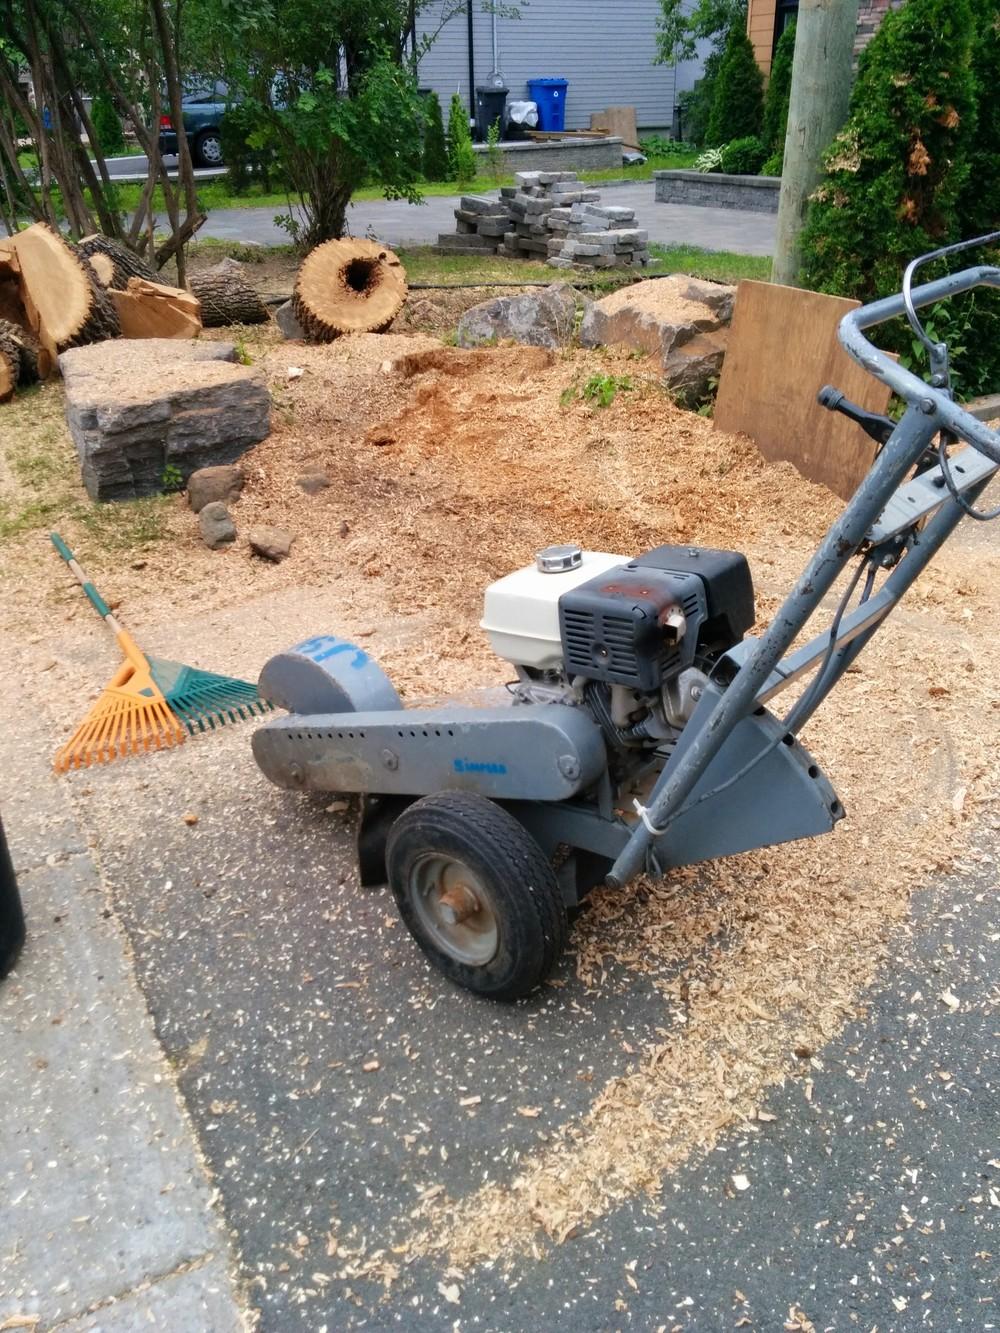 Essouchage | Inutile de creuser et de briser la chaîne de votre scie, nous avons un outil pour la cause